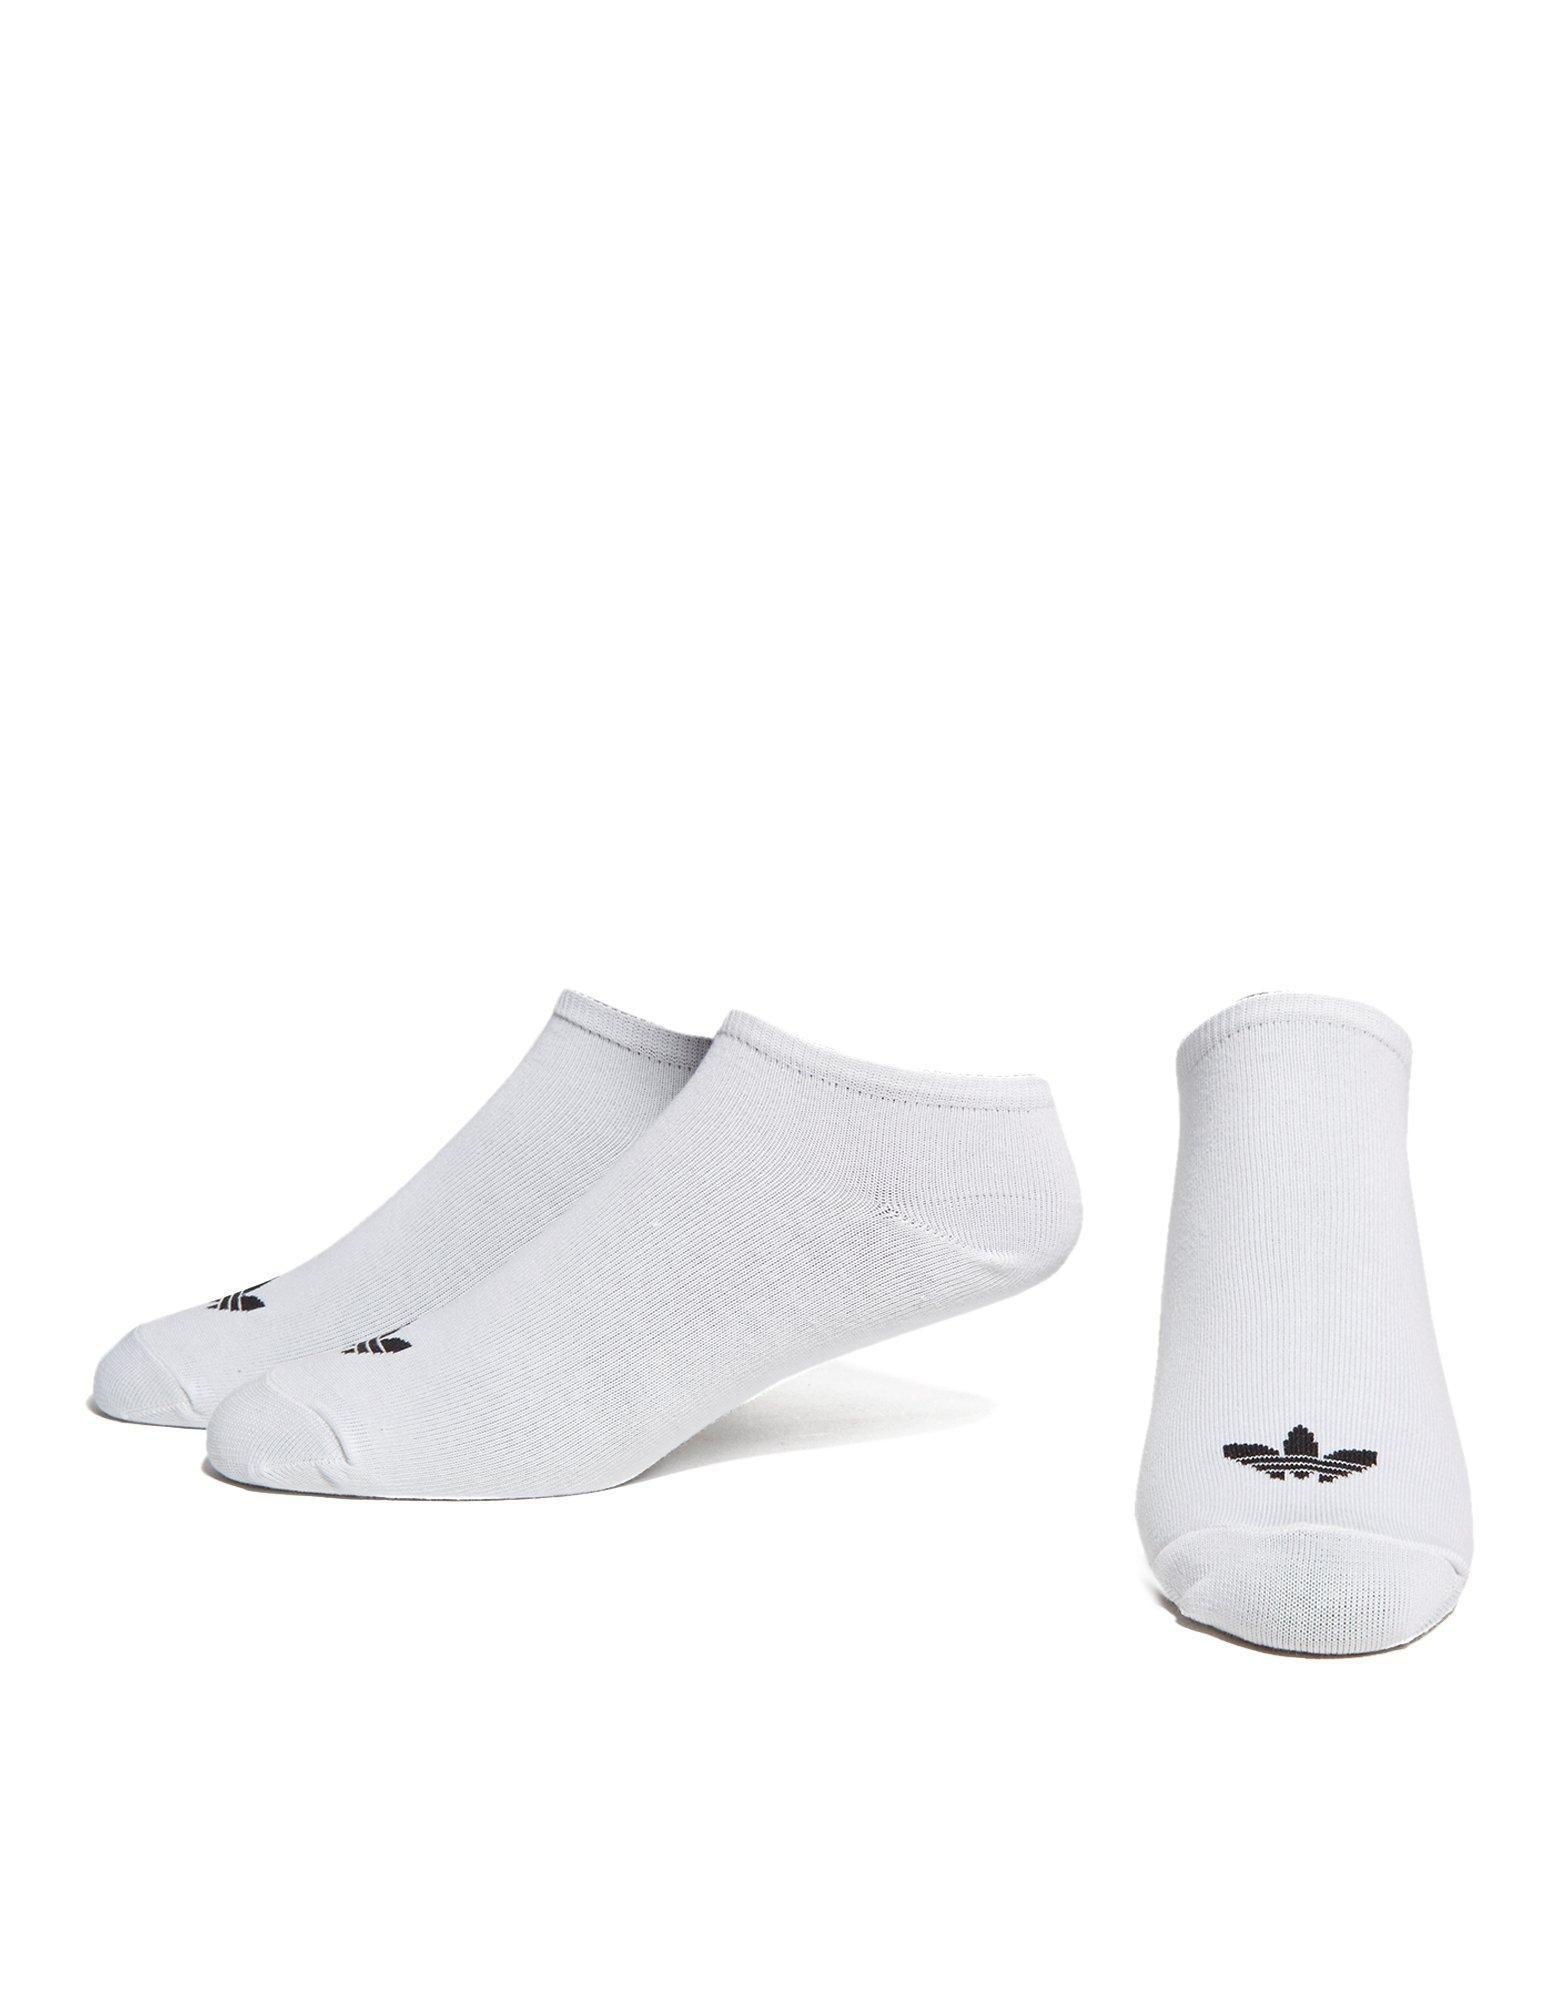 adidas trainer socks black